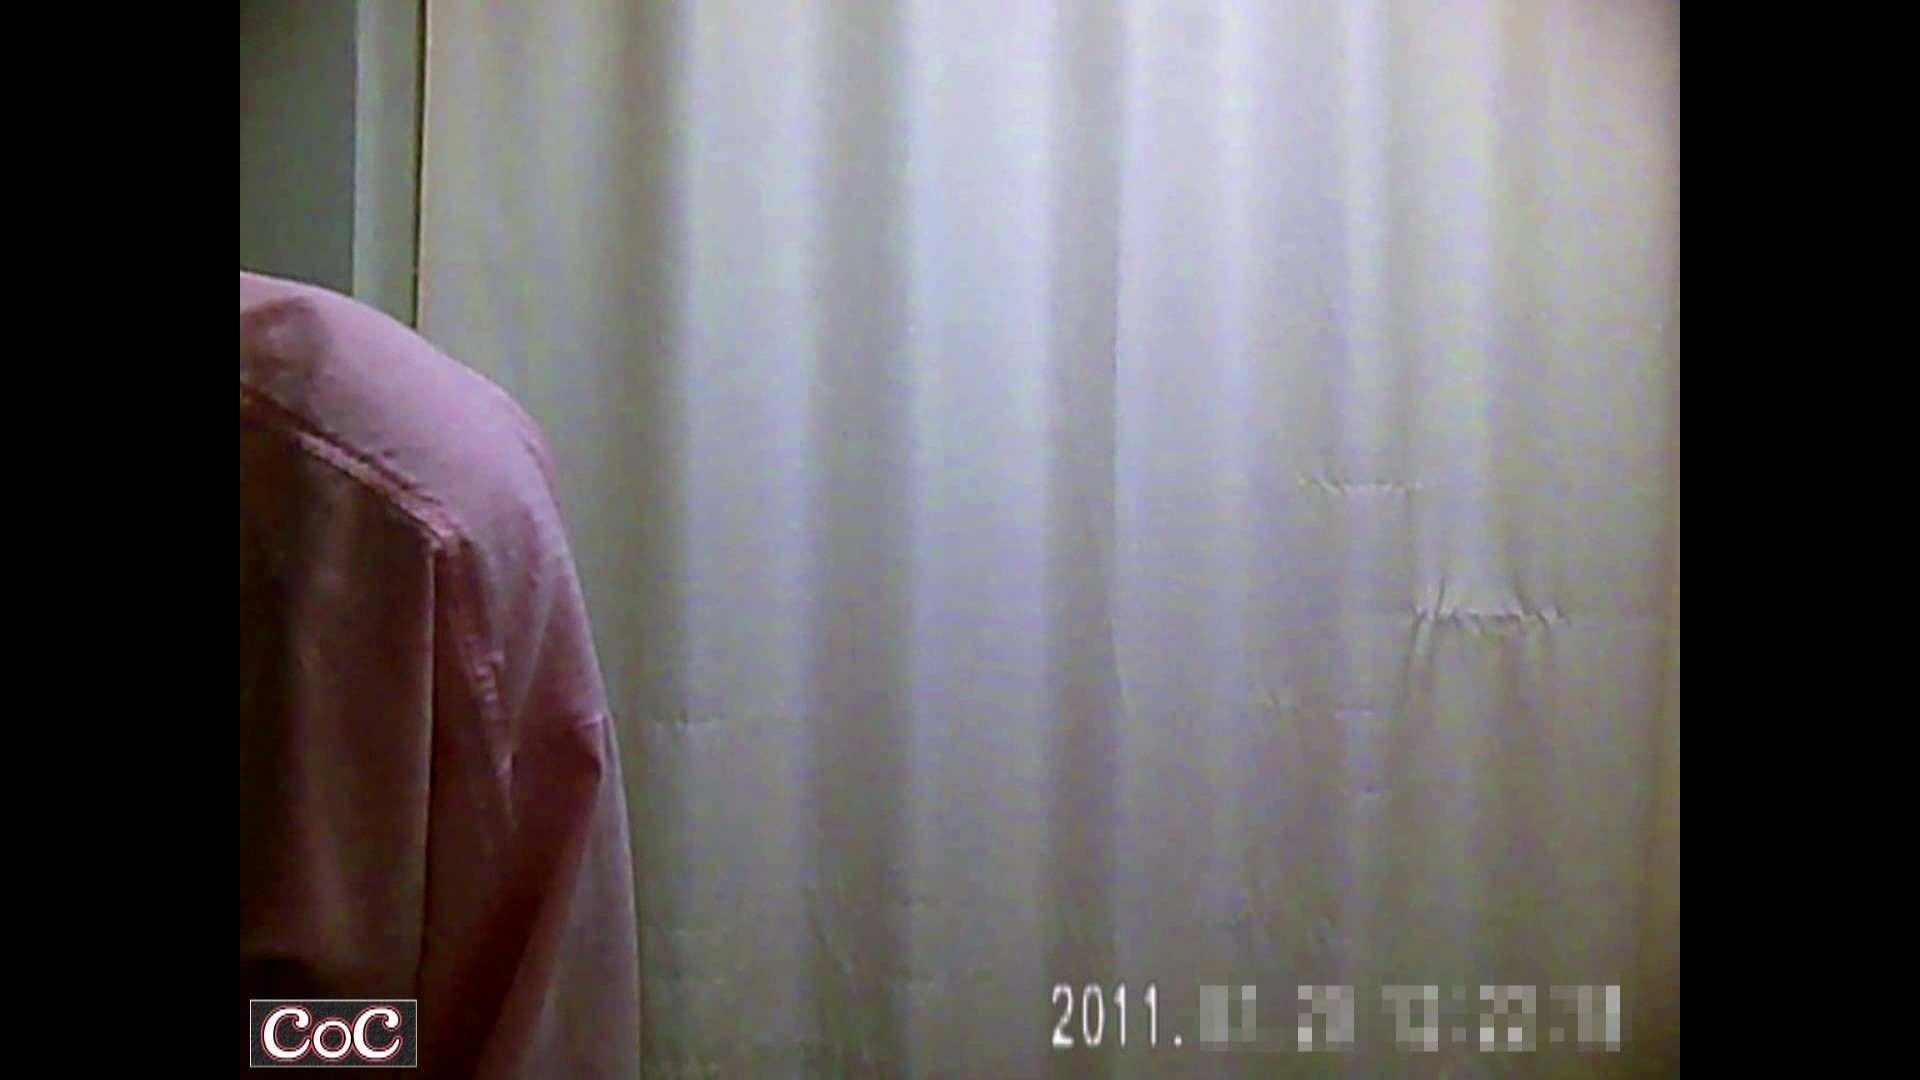 病院おもいっきり着替え! vol.04 OLエロ画像 盗撮セックス無修正動画無料 113PICs 30